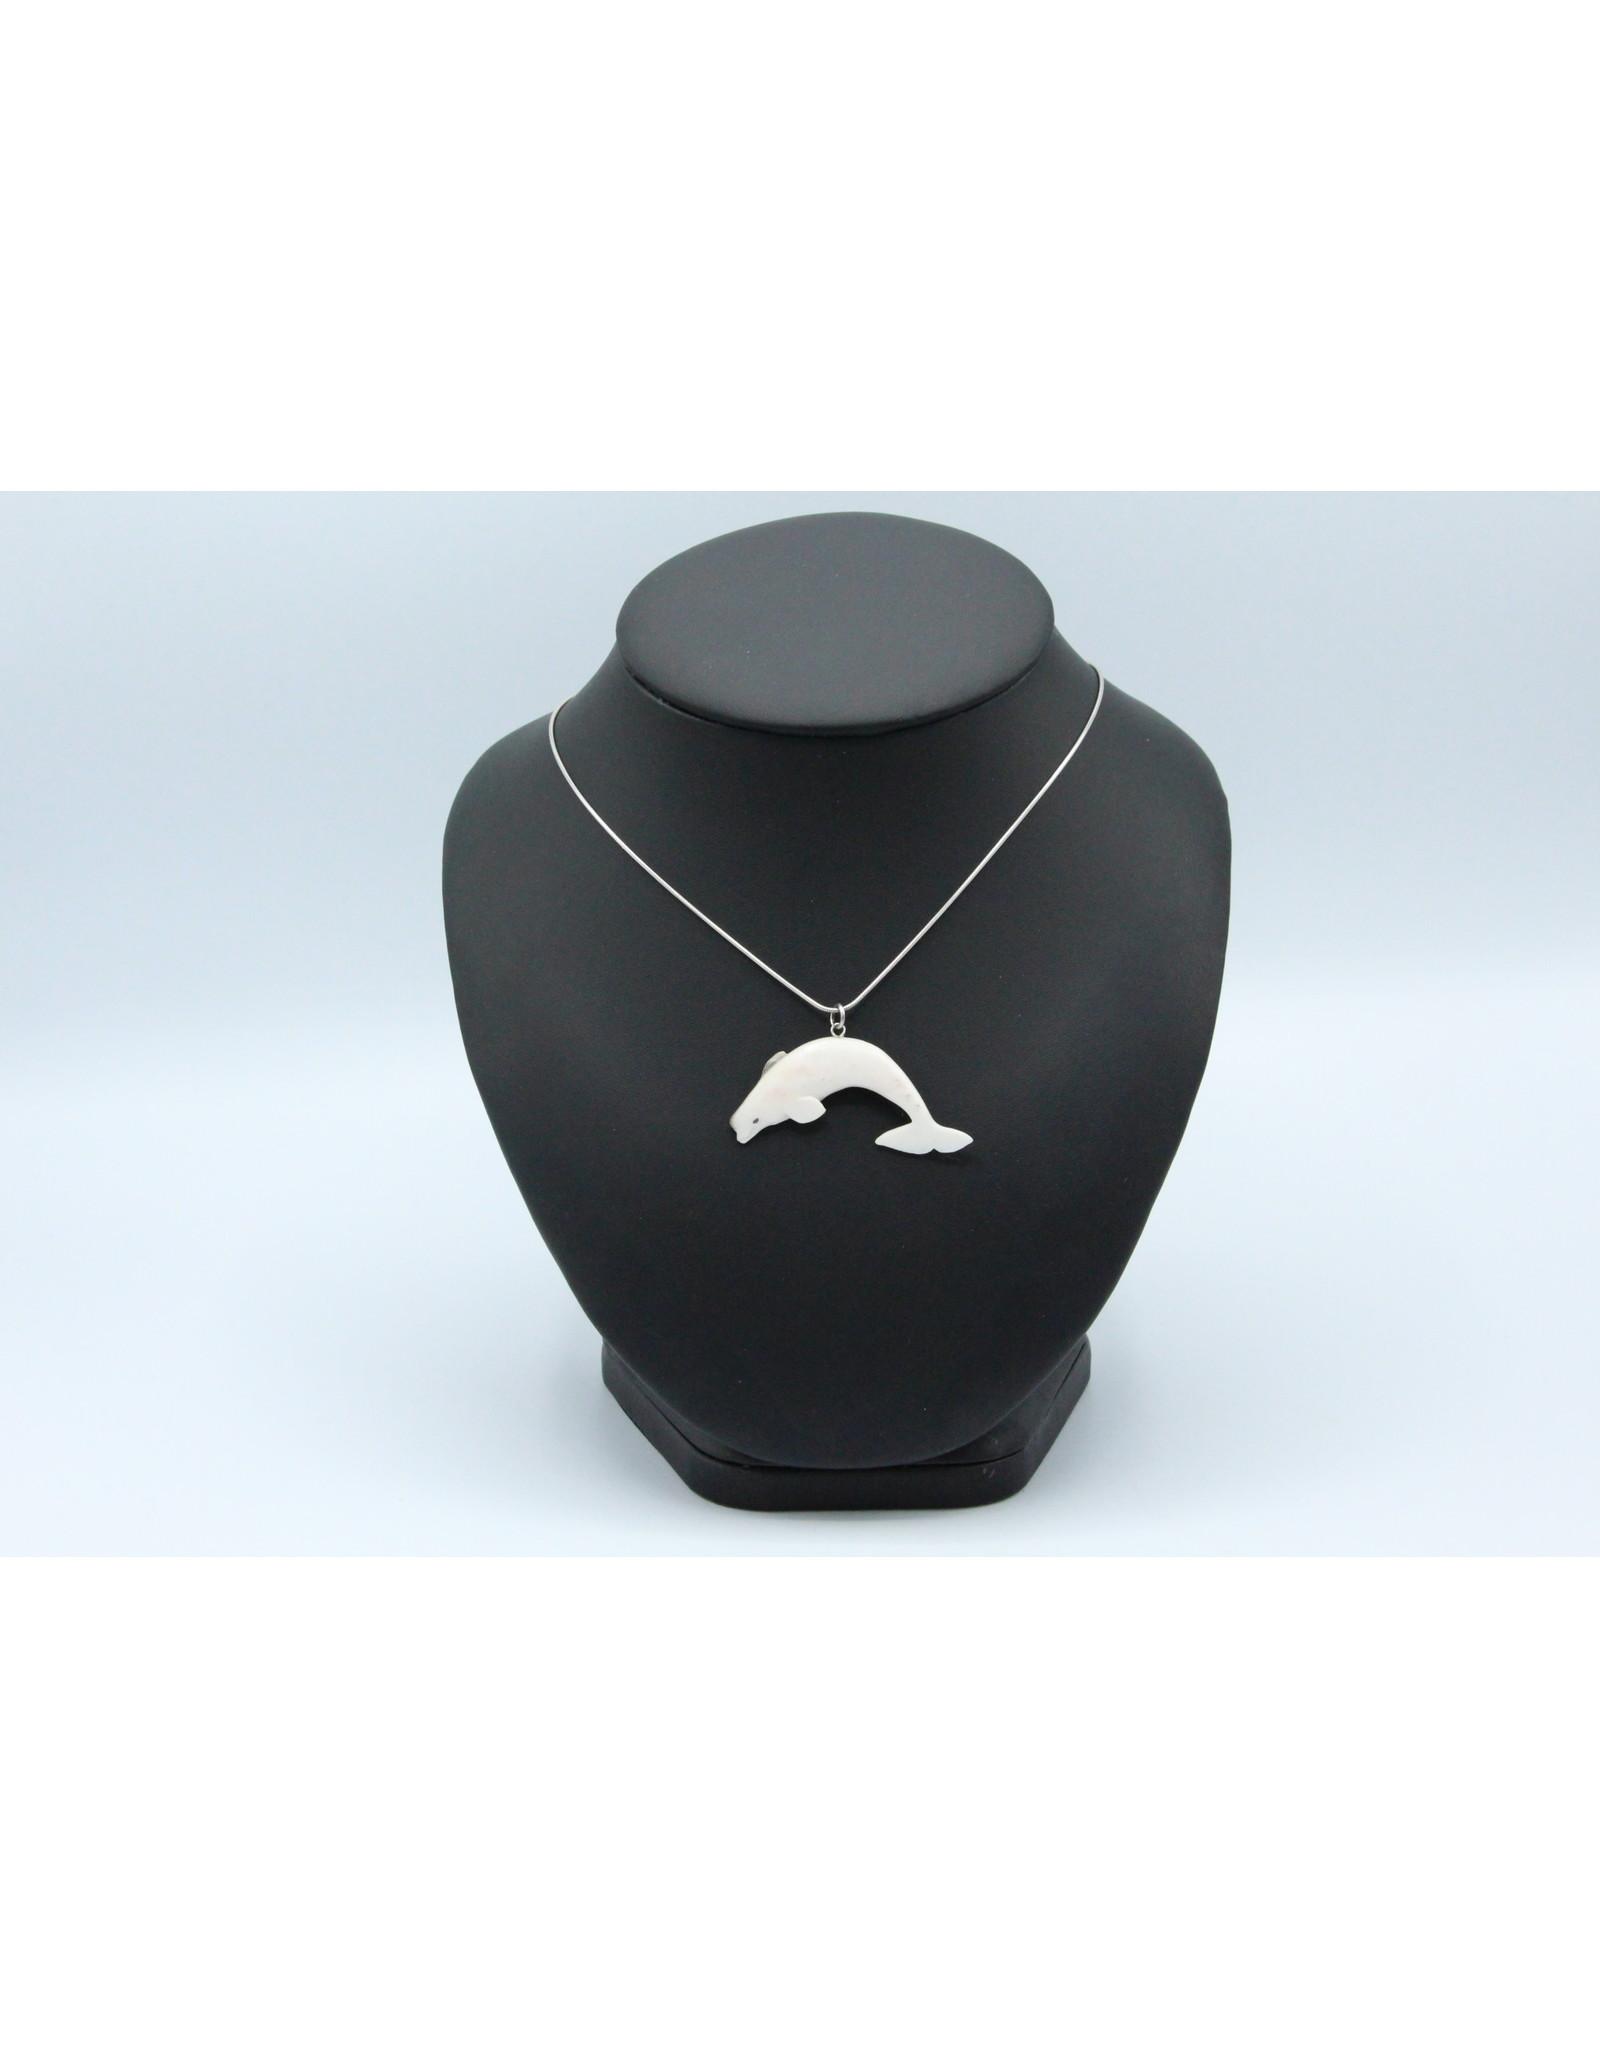 Whale Pendant - 852003650